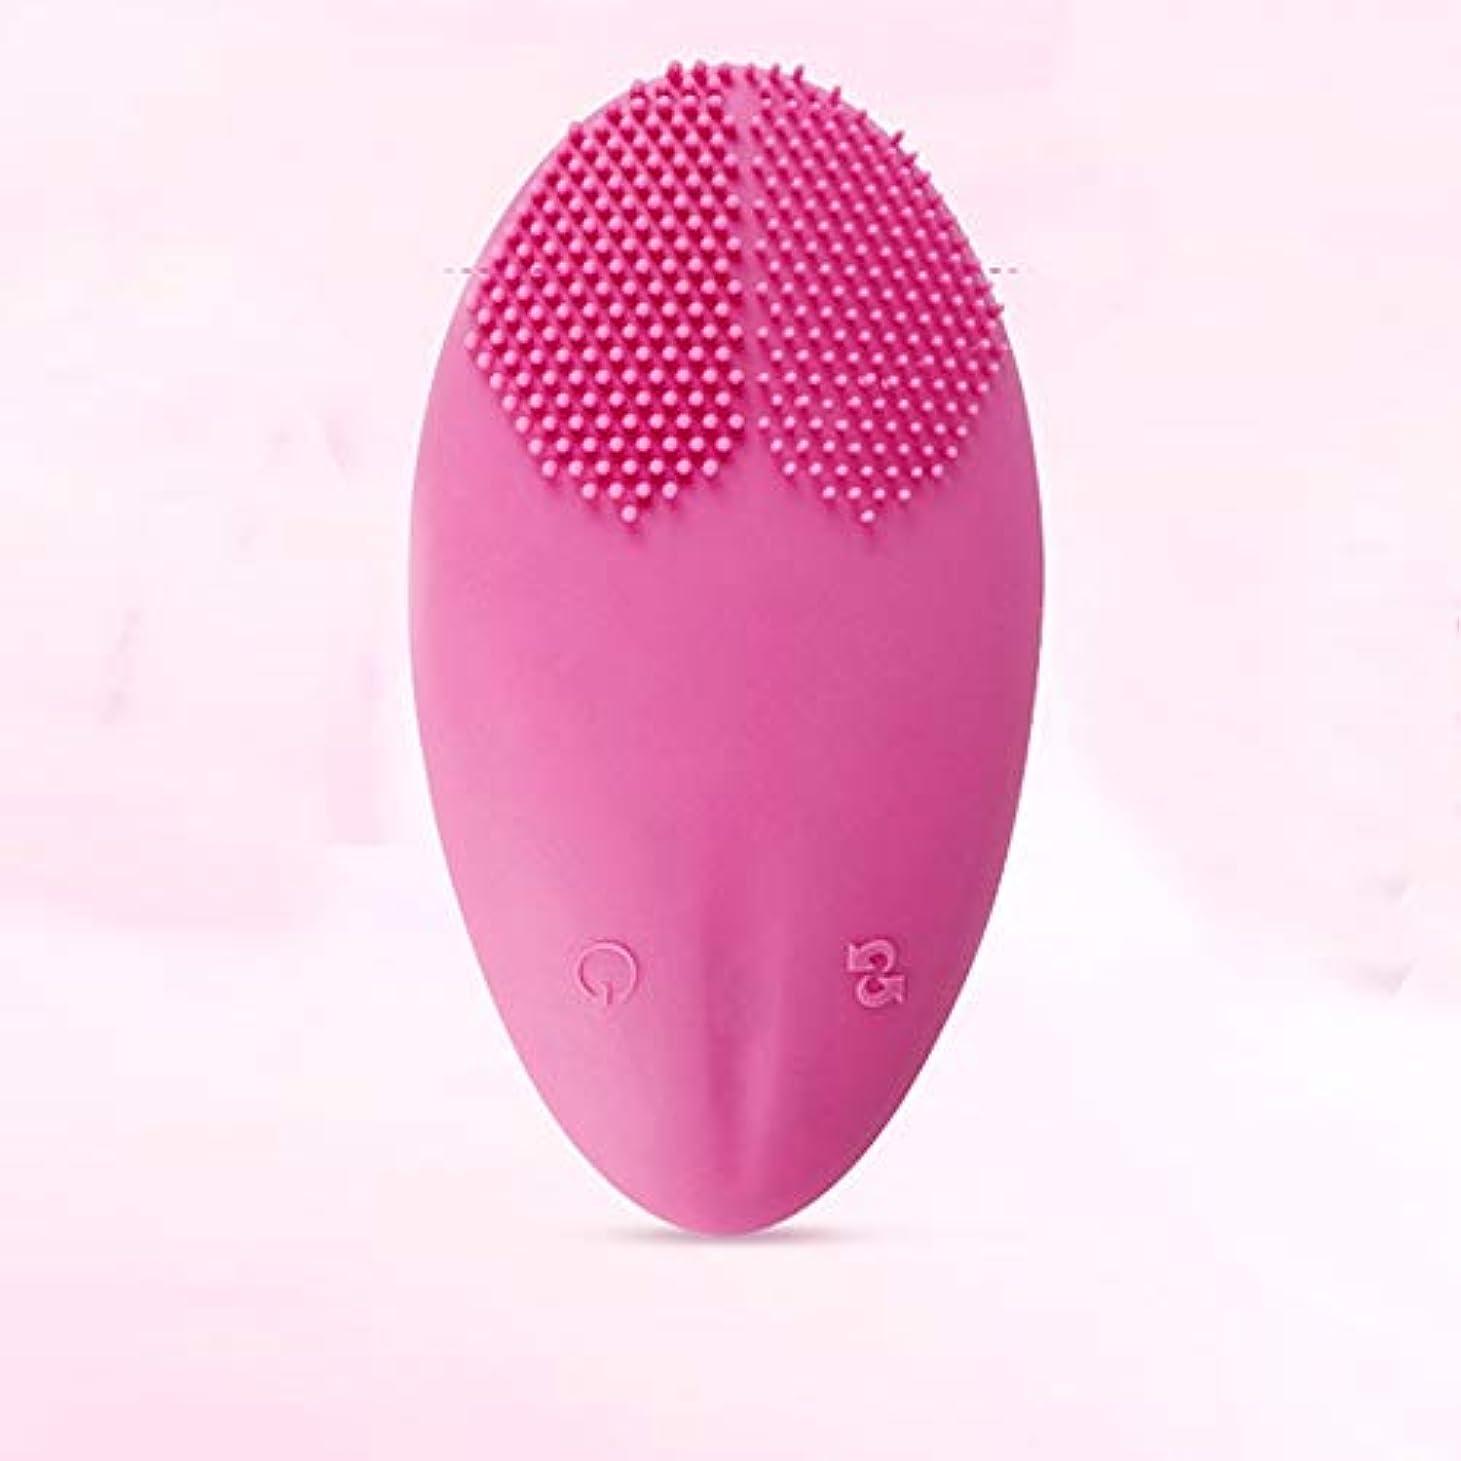 すき申込み会うZXF 新しい電気シリコーンクレンジング楽器振動クリーン毛穴柔らかいシリコーンロングスタンバイ超音波洗浄ブラシピンク 滑らかである